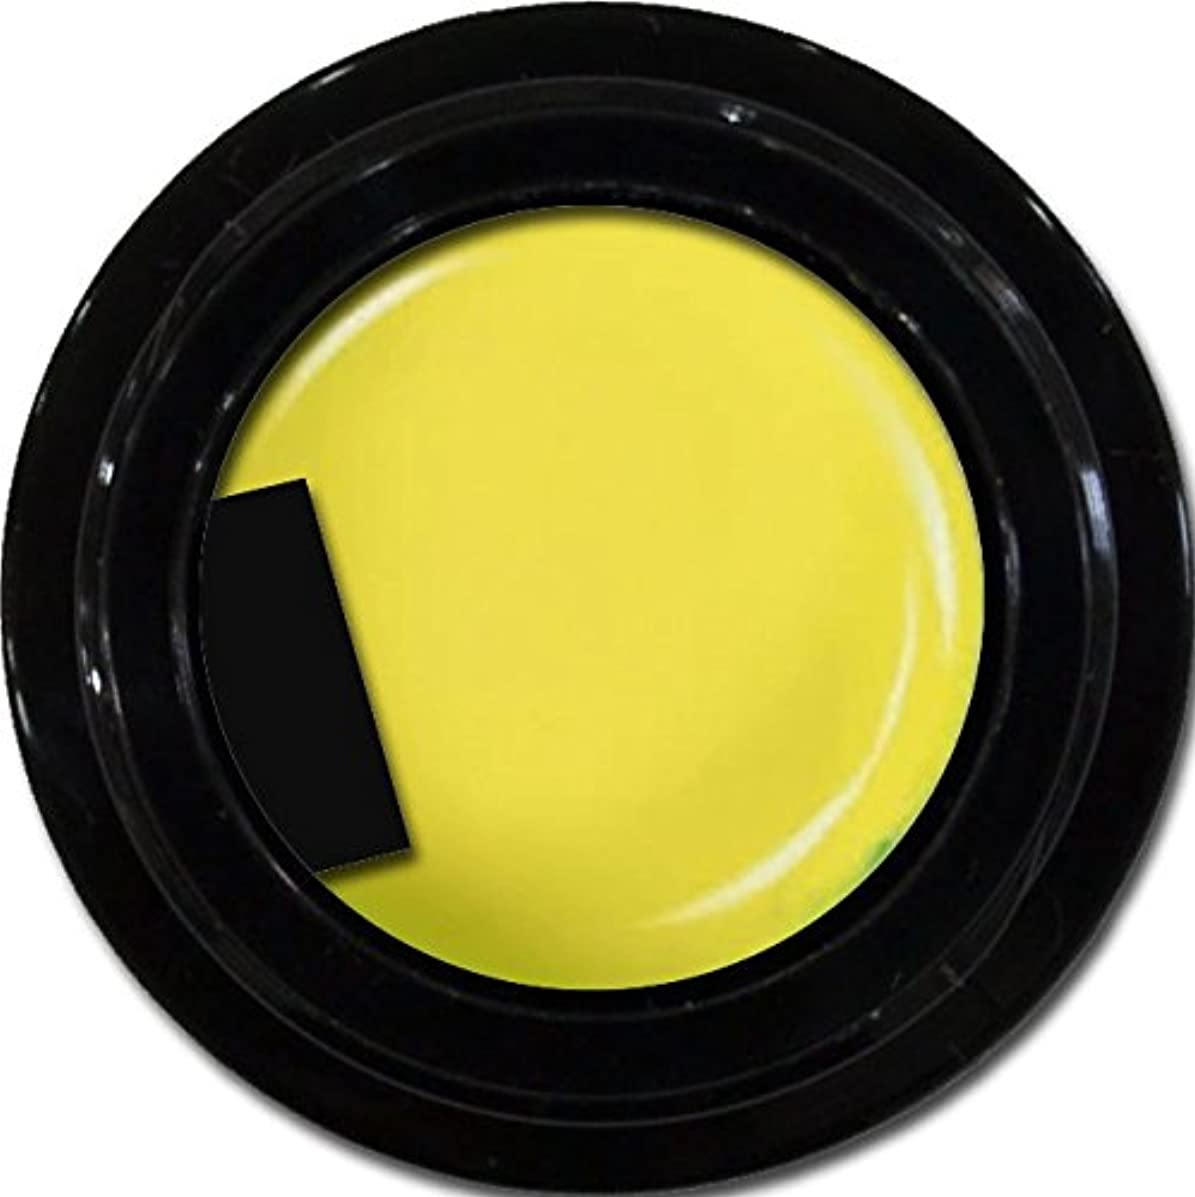 鉛筆カポック補助カラージェル enchant color gel M602 MoroccoYellow 3g/ マットカラージェル M602 モロッコイエロー 3グラム